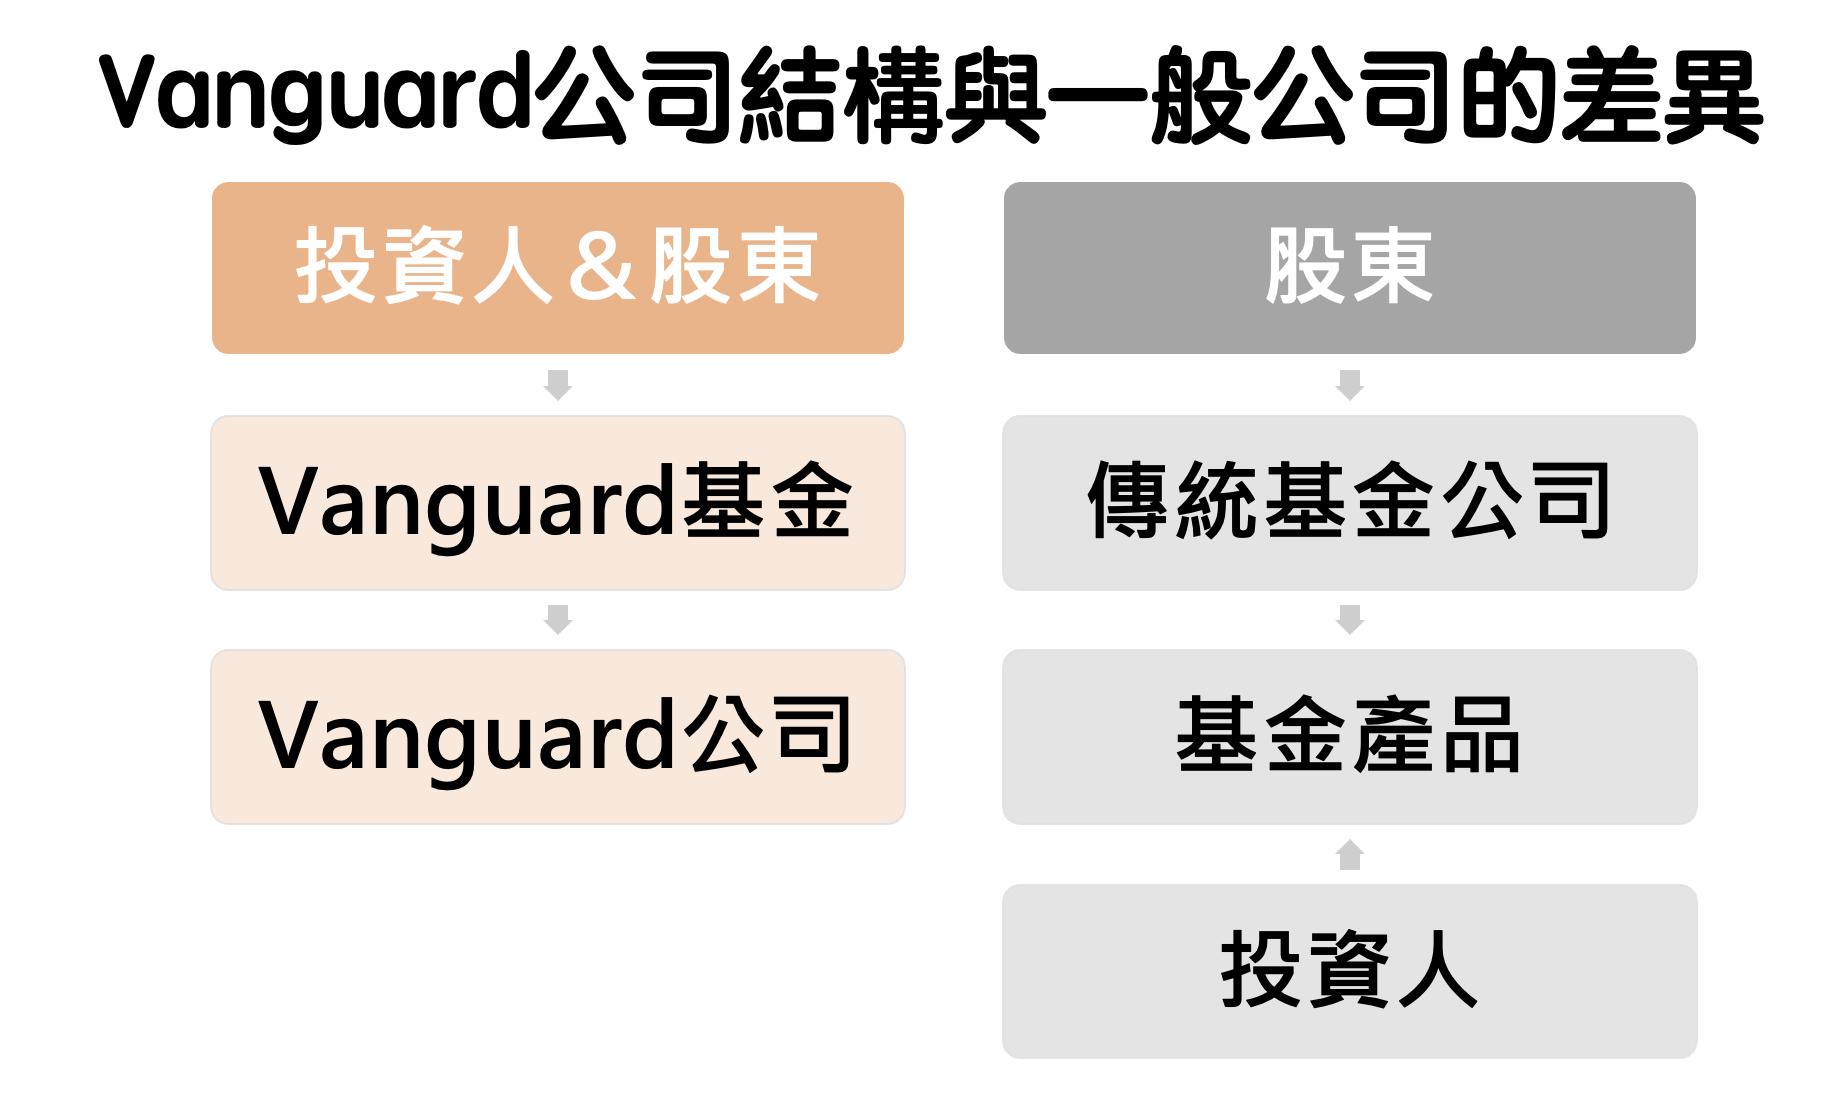 一般基金公司是由股東成立,銷售基金產品的利潤來自於管理費,獲利會分配給股東,而不是投資人; Vanguard特色在於是一個共同化公司,基金投資人就是公司股東,因此基金有獲利可以分配,代表有調降收費的空間,Vanguard就會調降收費。